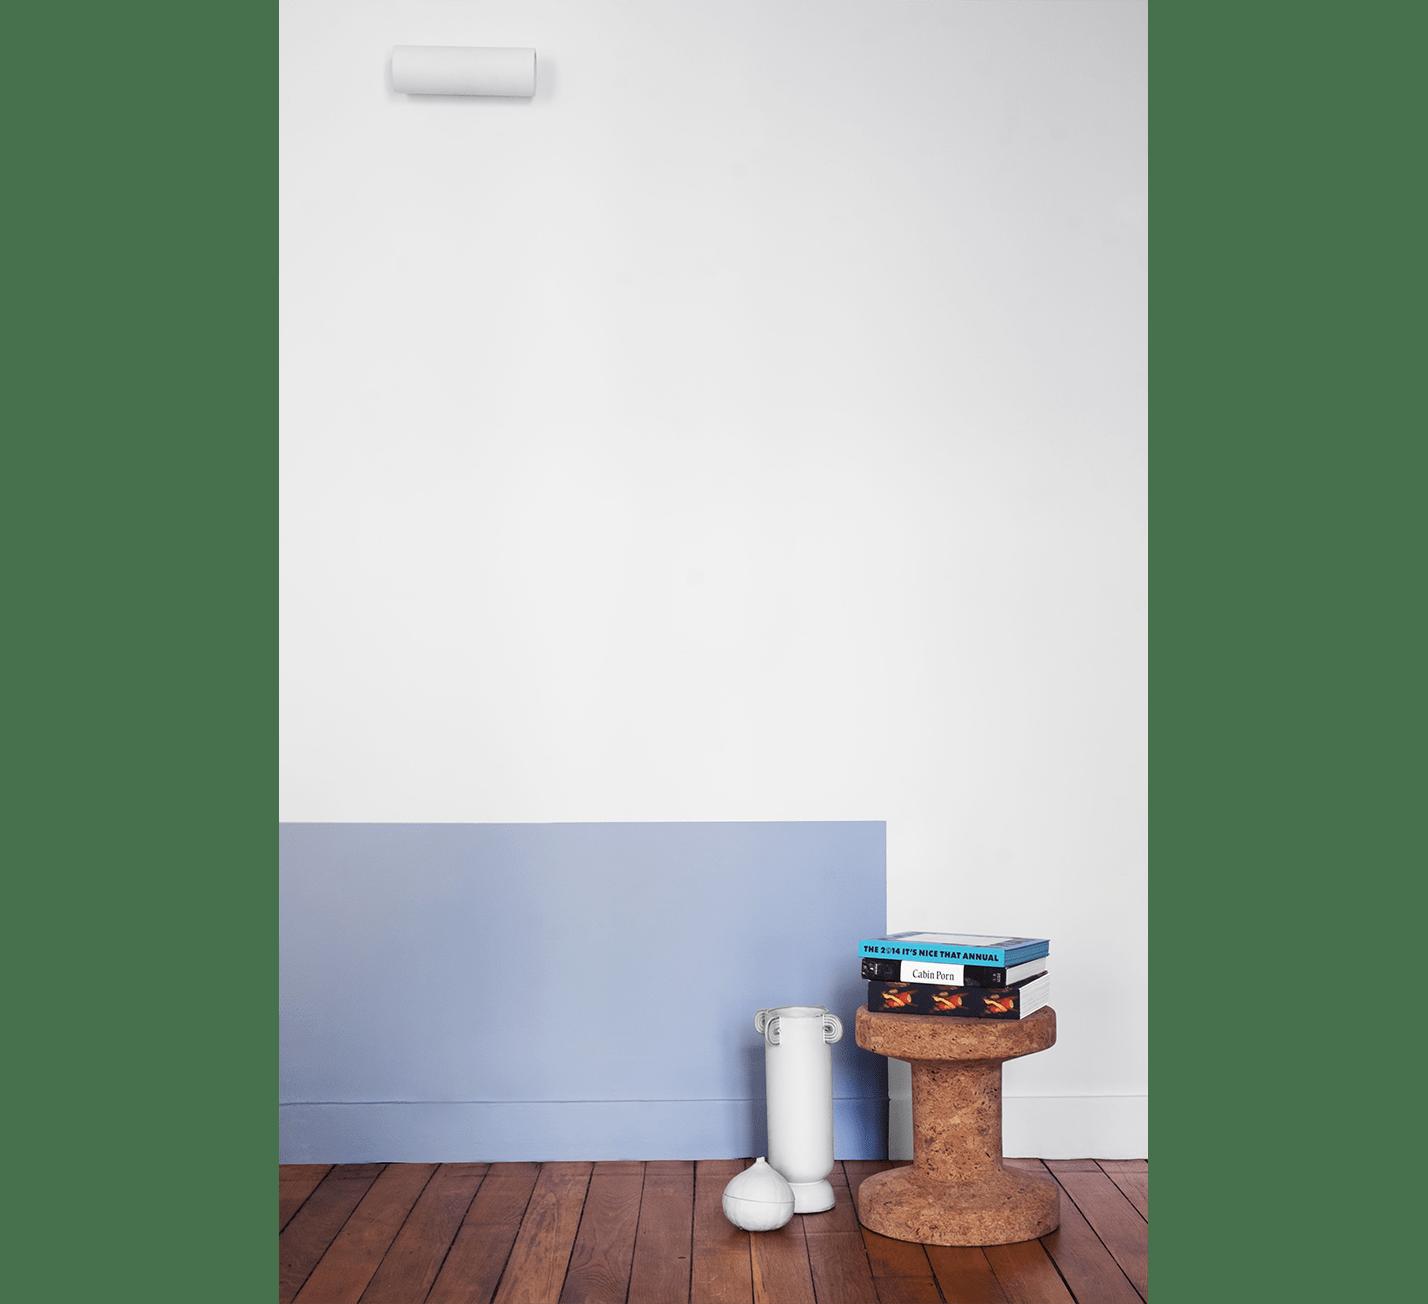 Projet-Montmartre-Atelier-Steve-Pauline-Borgia-Architecture-interieur-03-min